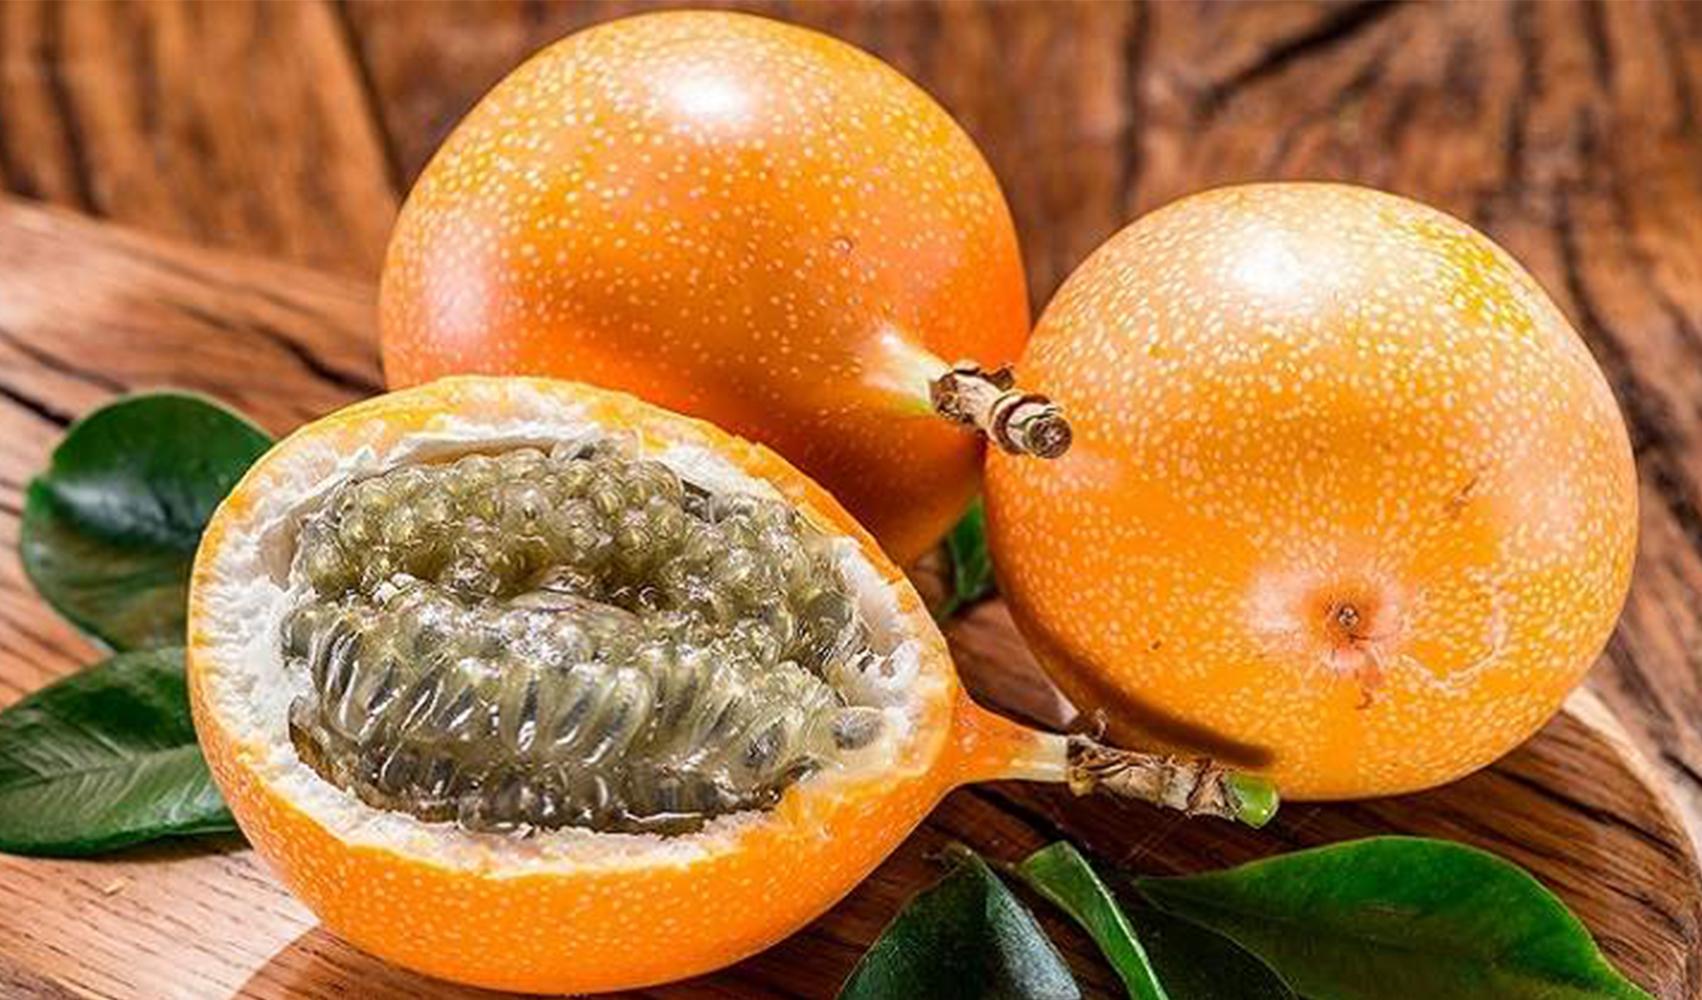 желтый экзотический плод фото быть, именно